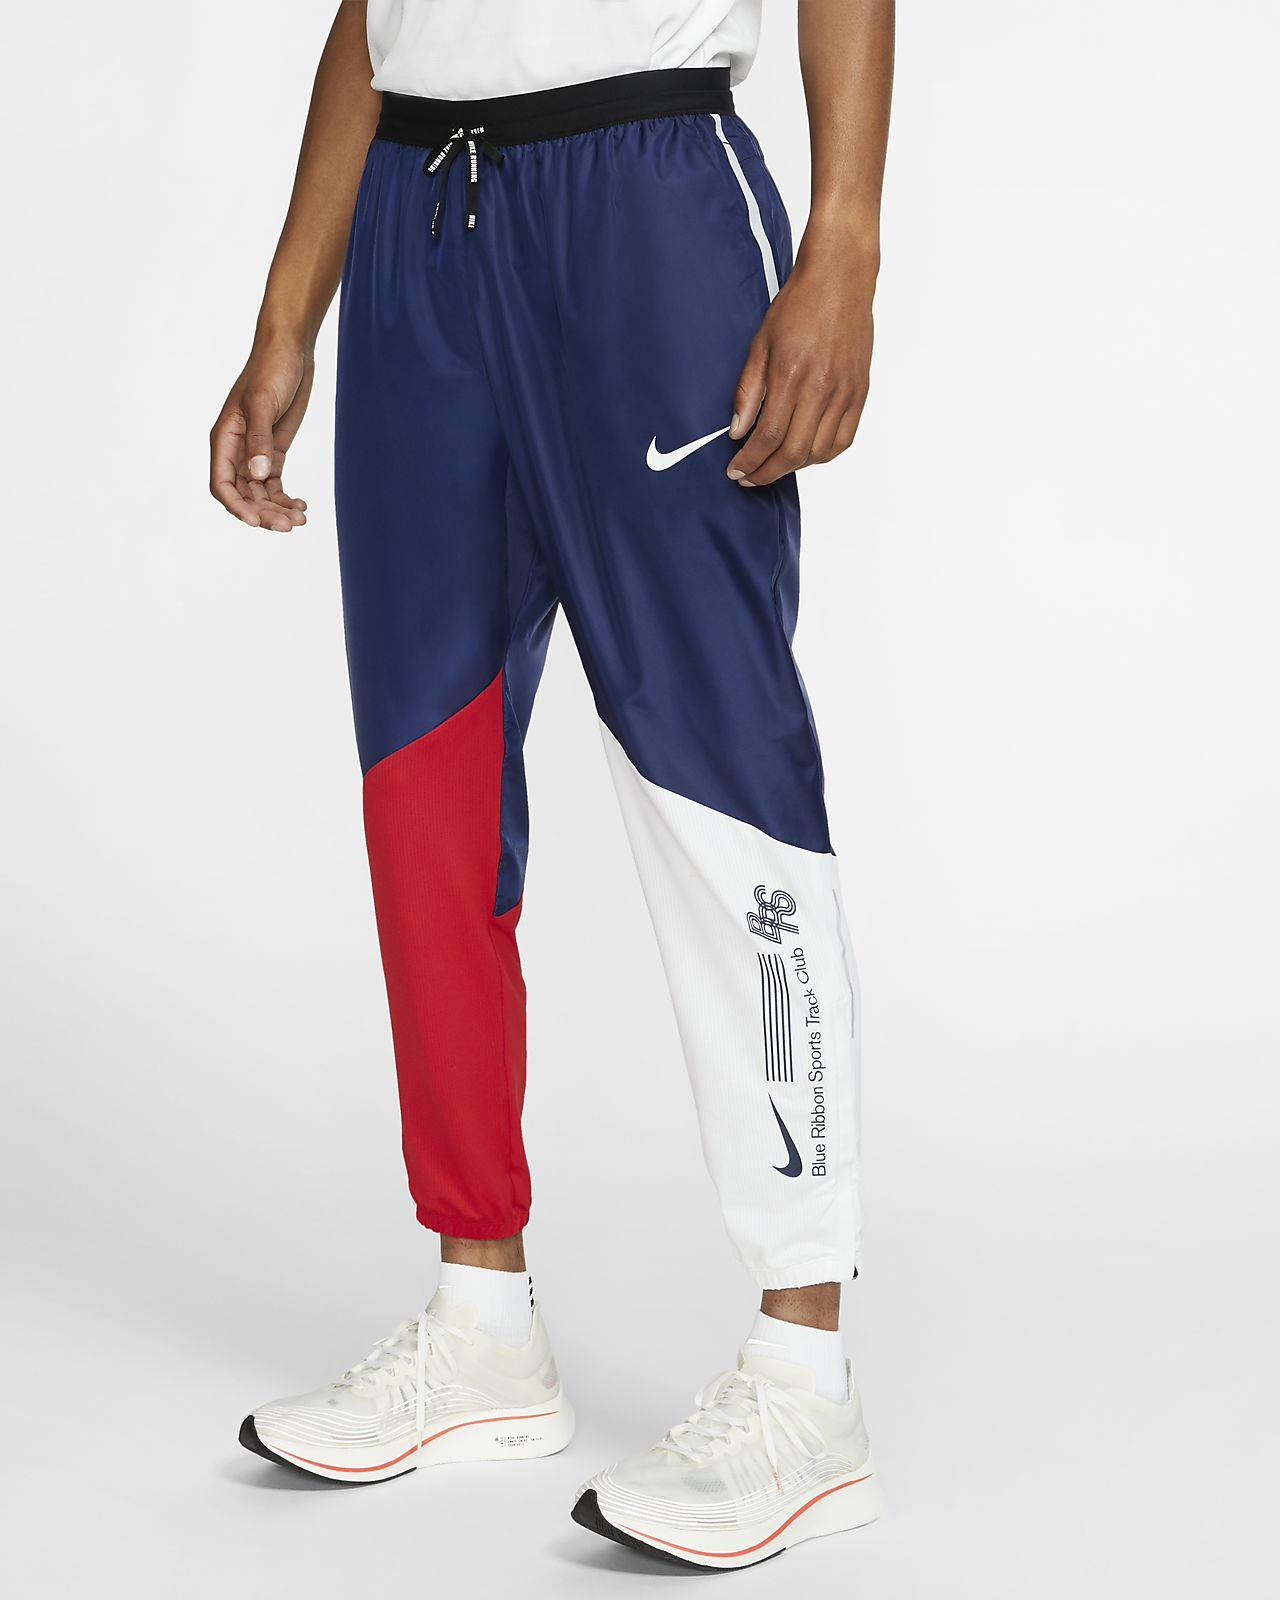 Běžecké atletické kalhoty Nike BRS